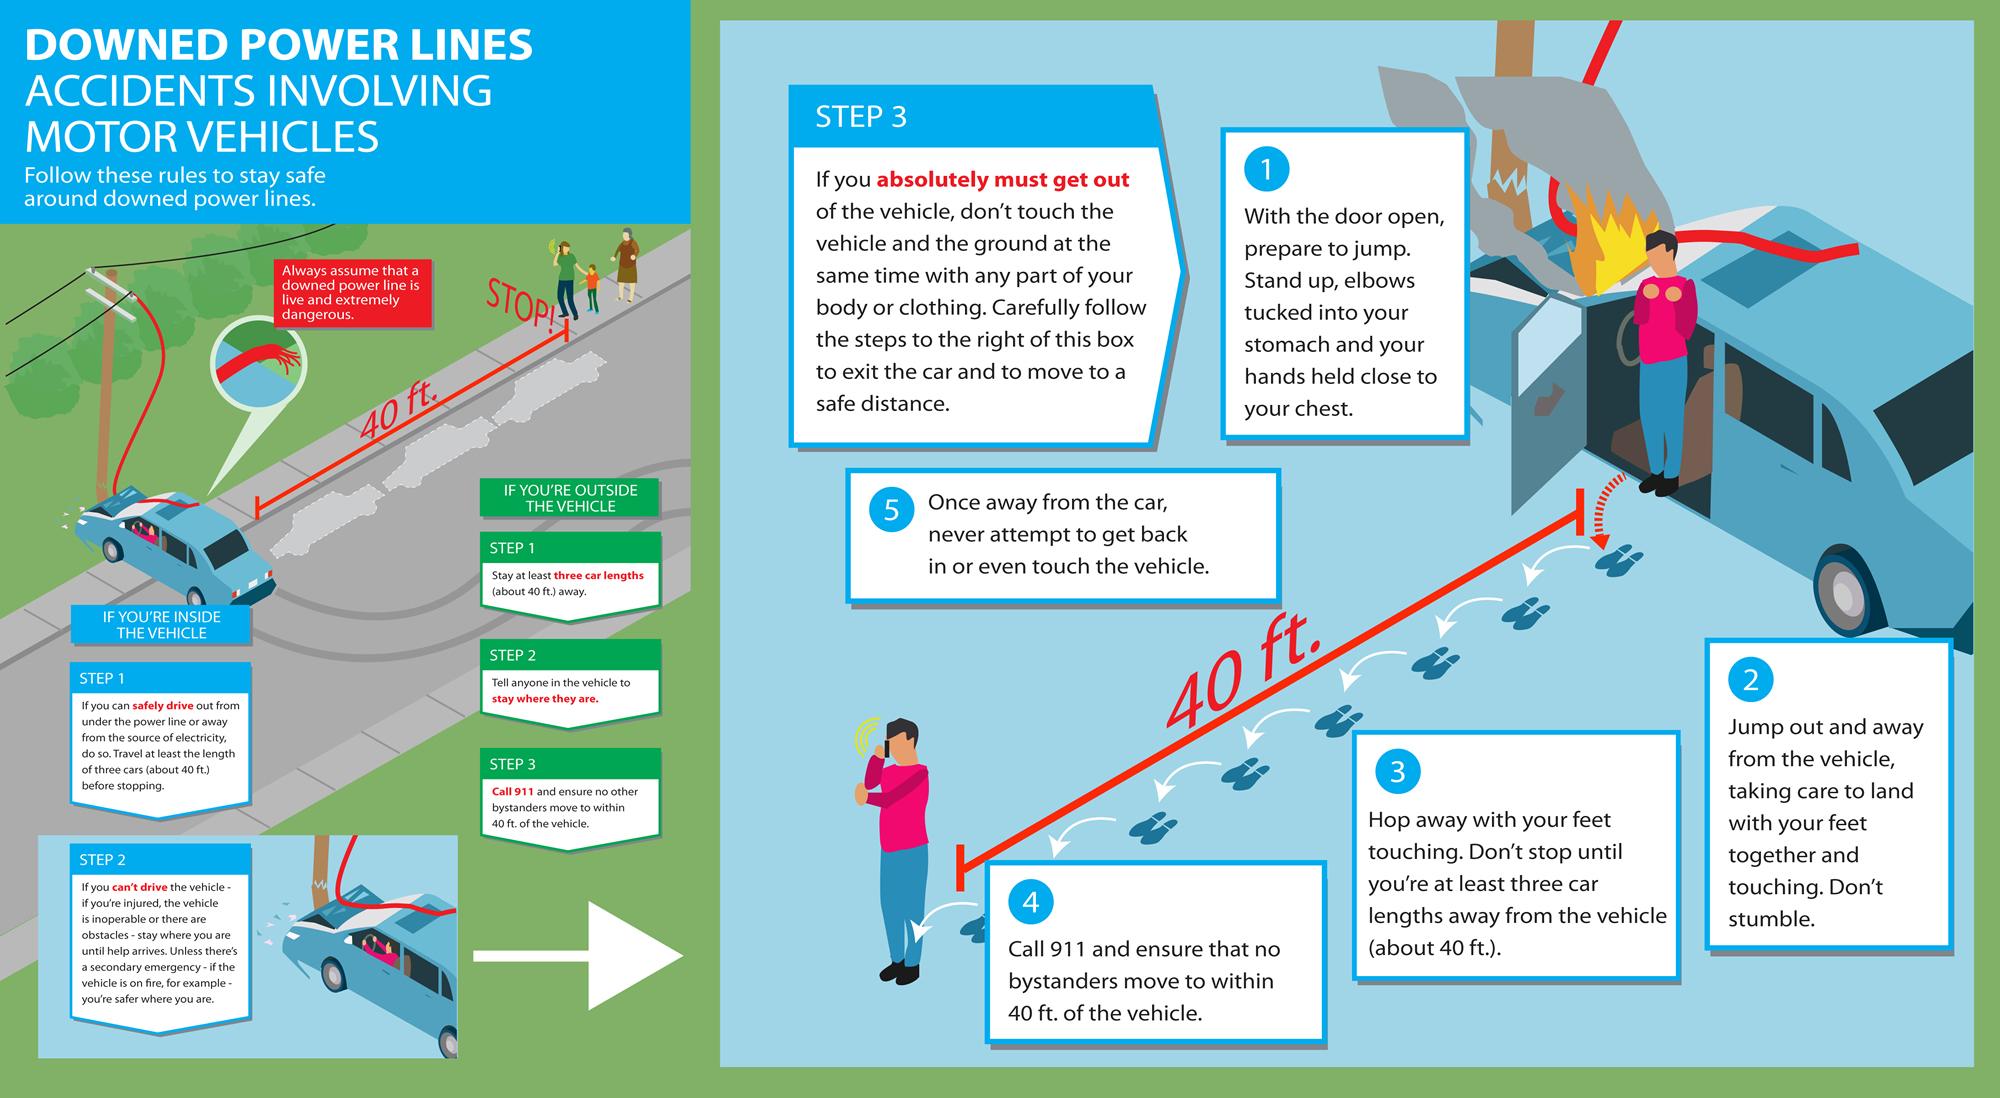 步骤,如果你在事故中电线倒塌了怎么办